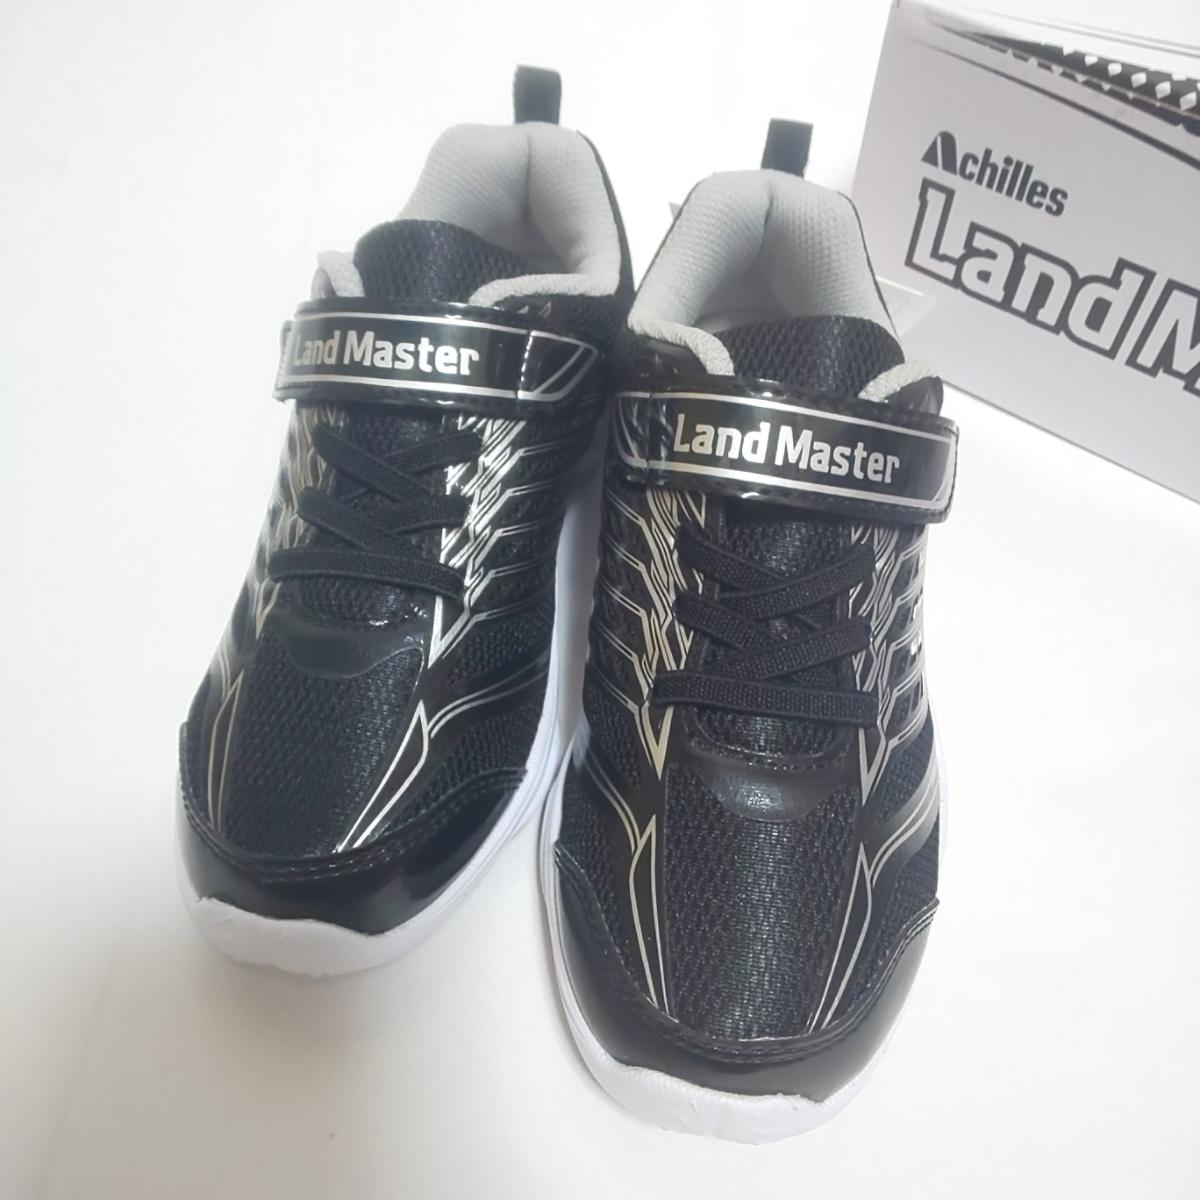 新品 Achilles ランドマスター 男の子 スニーカー 20cm アキレス 運動靴_画像3